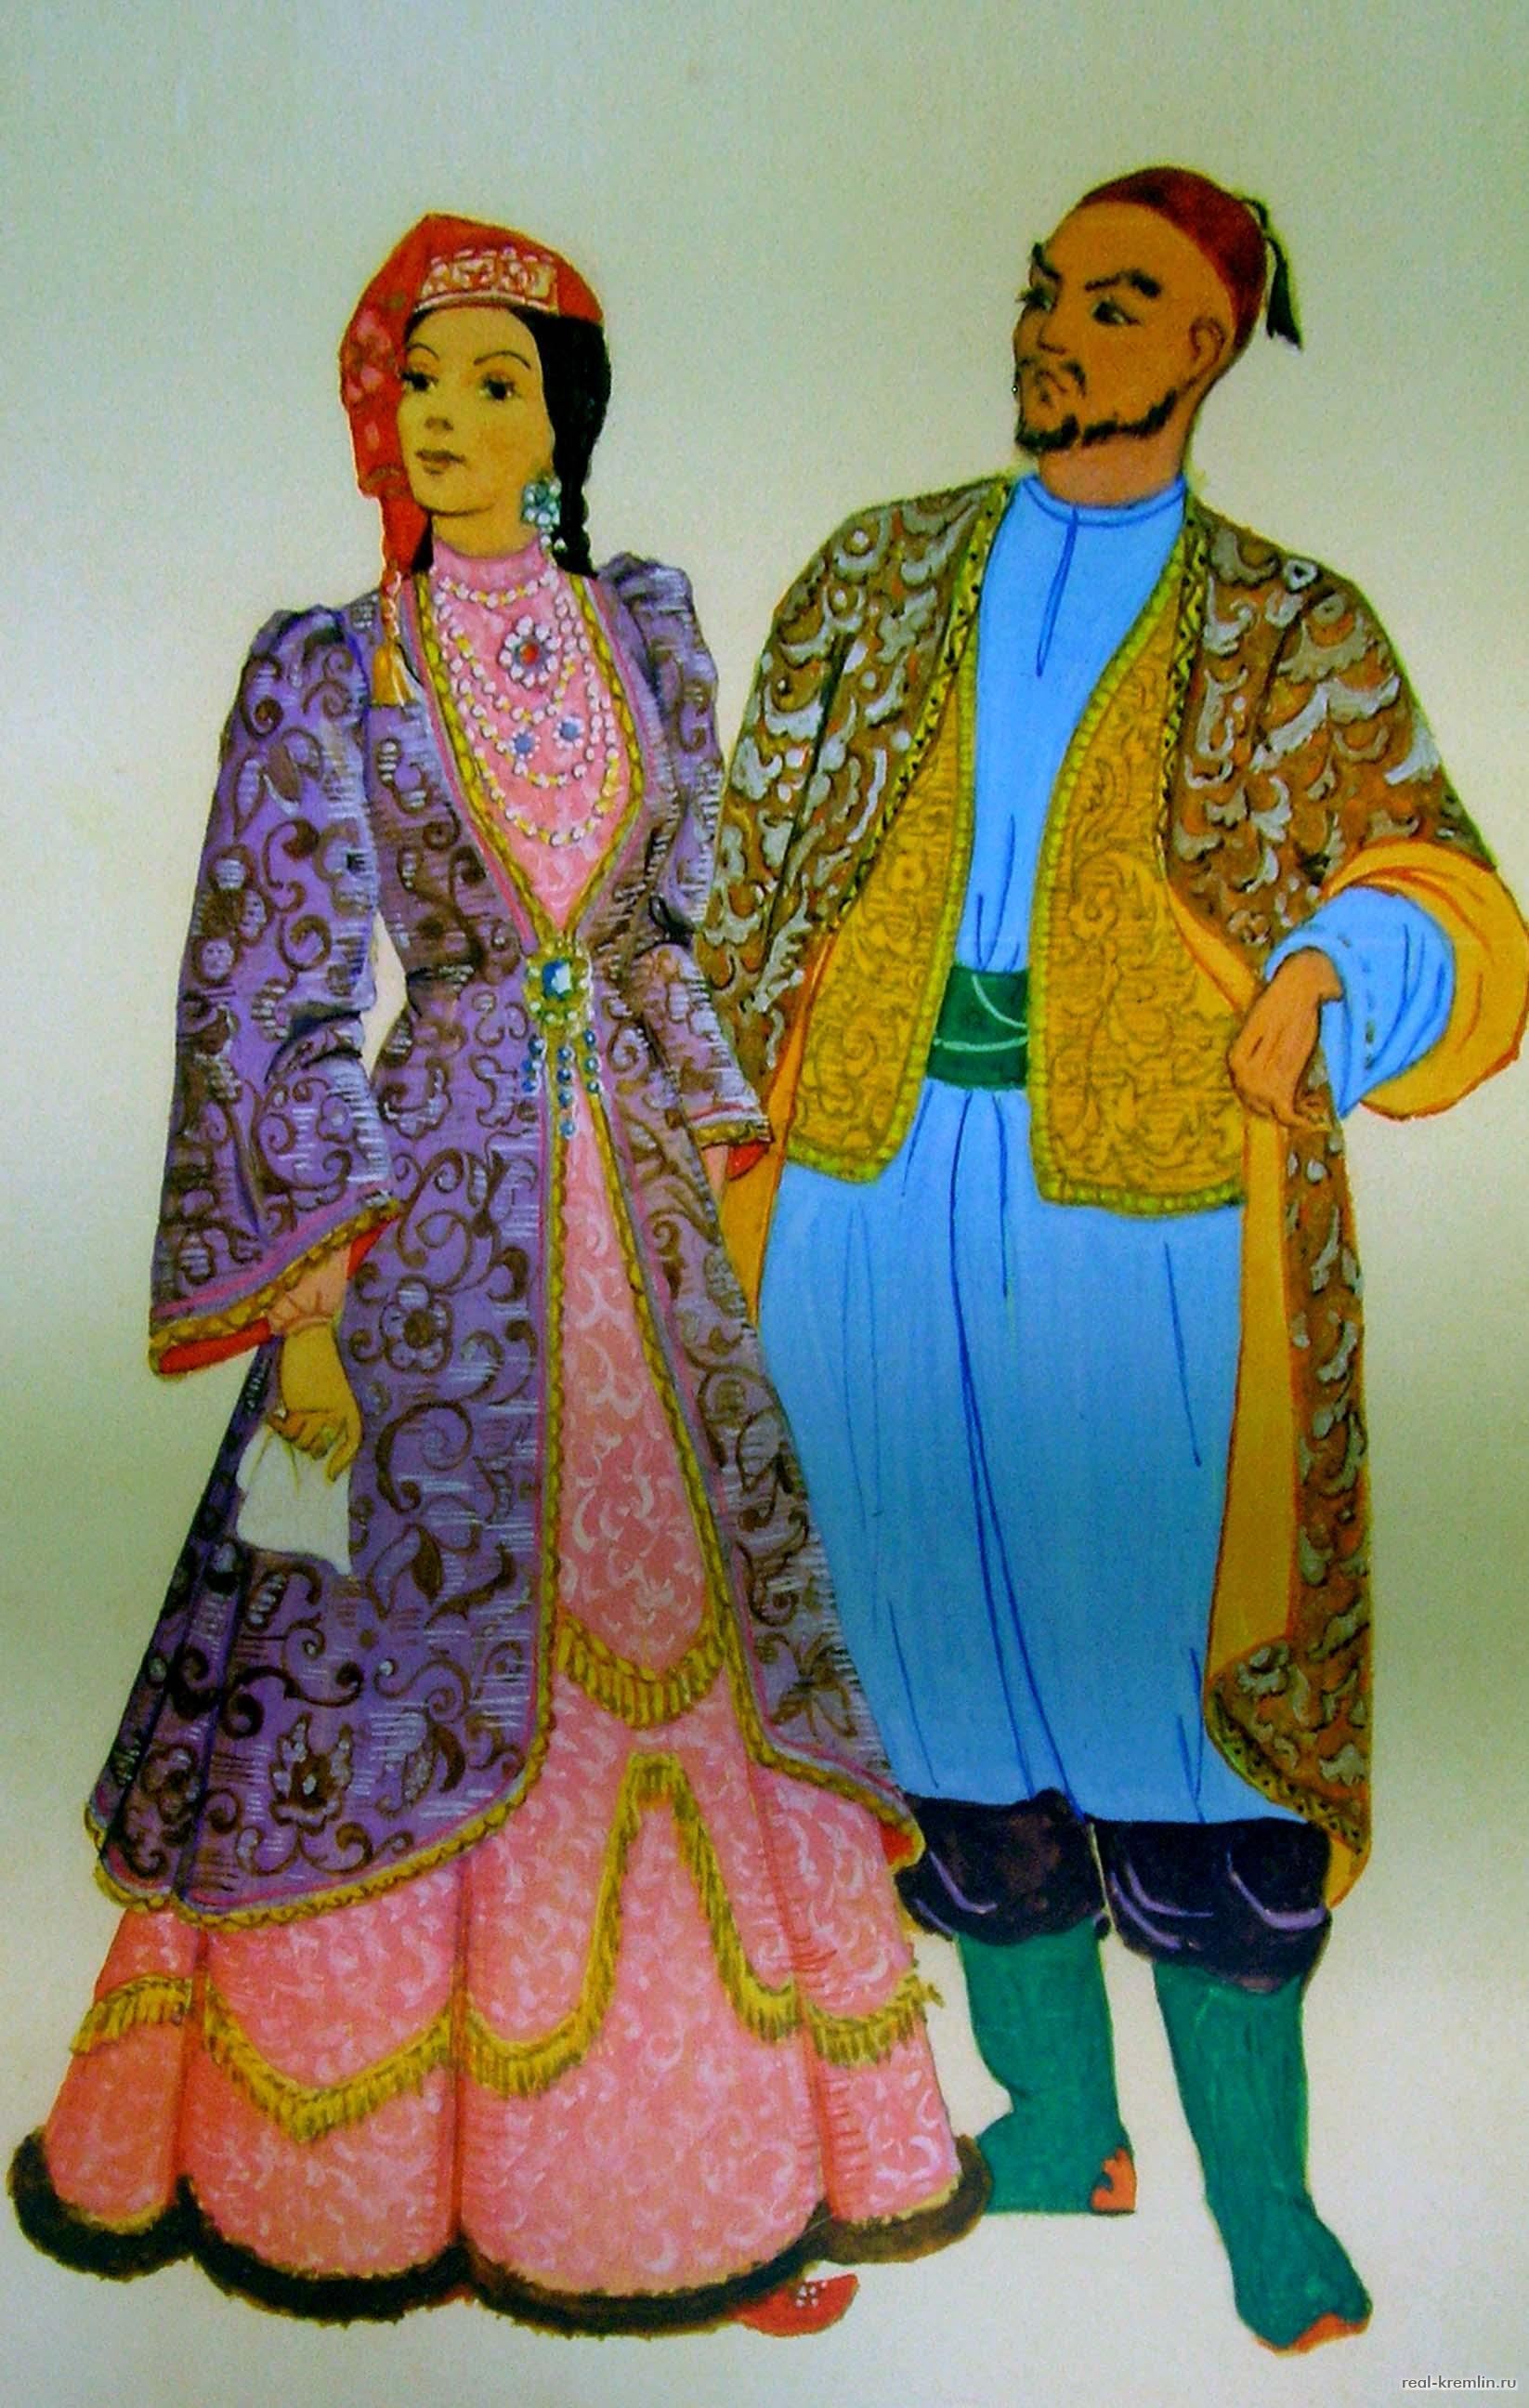 Фото национального костюма народа татаров 4